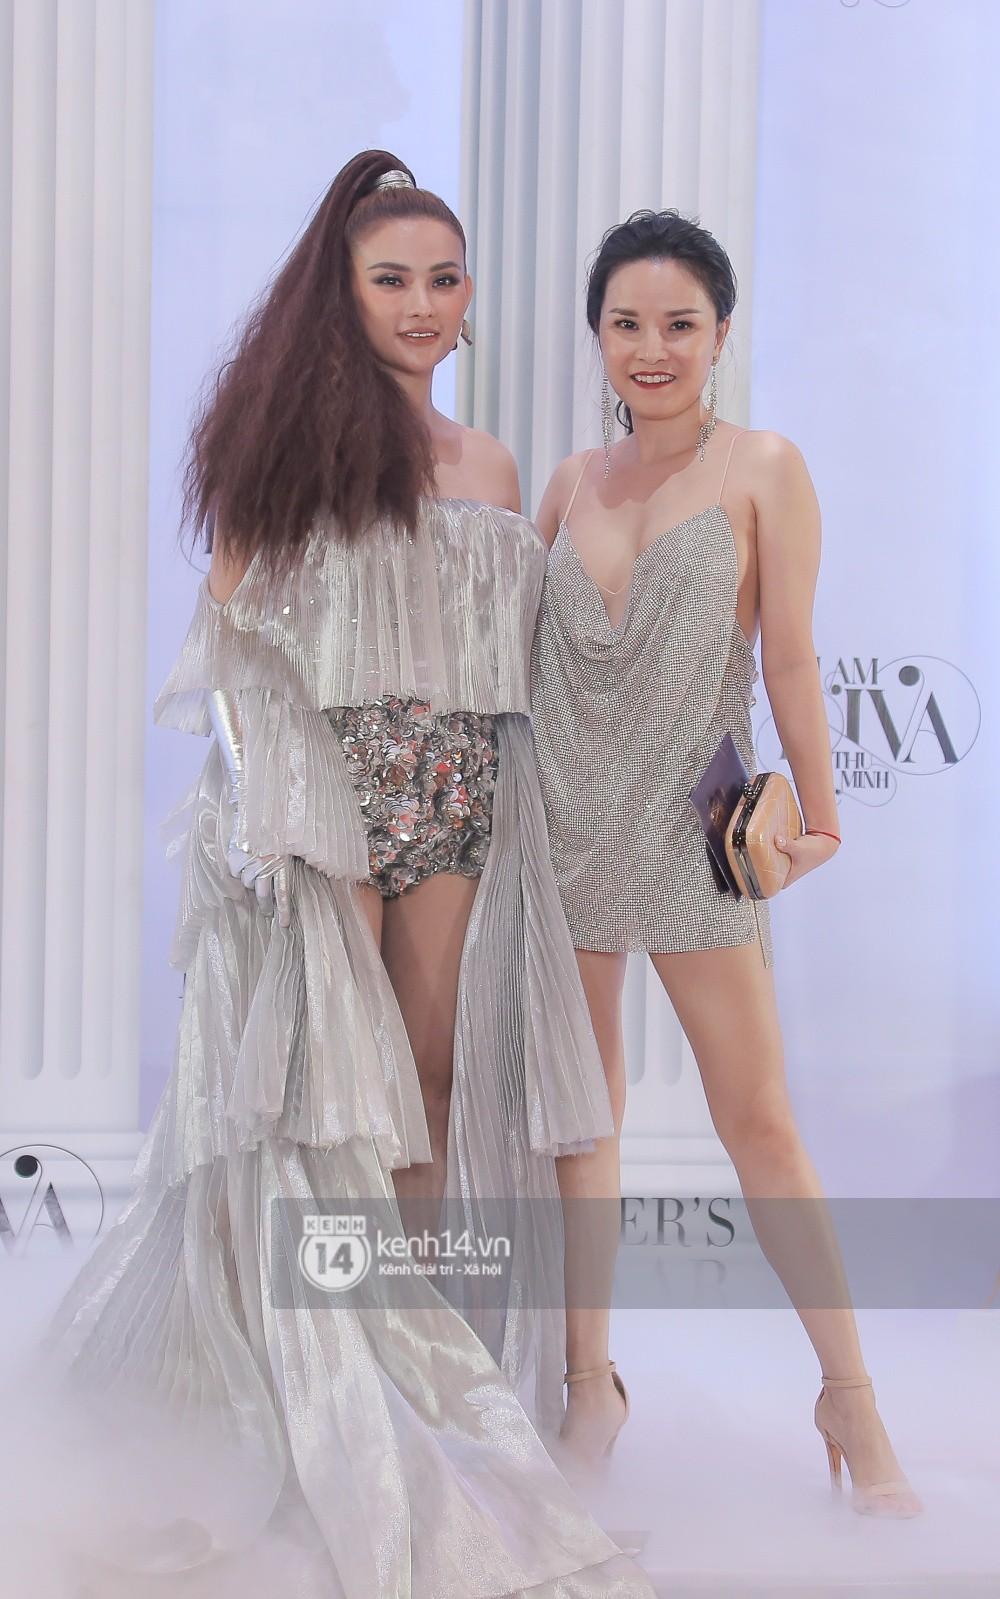 Thảm đỏ lố nhất Việt Nam: Nếu Phương Khánh là đóa hoa thì Jolie Nguyễn chính là giấy gói quà, riêng Nam Em quên... mặc quần - Ảnh 24.